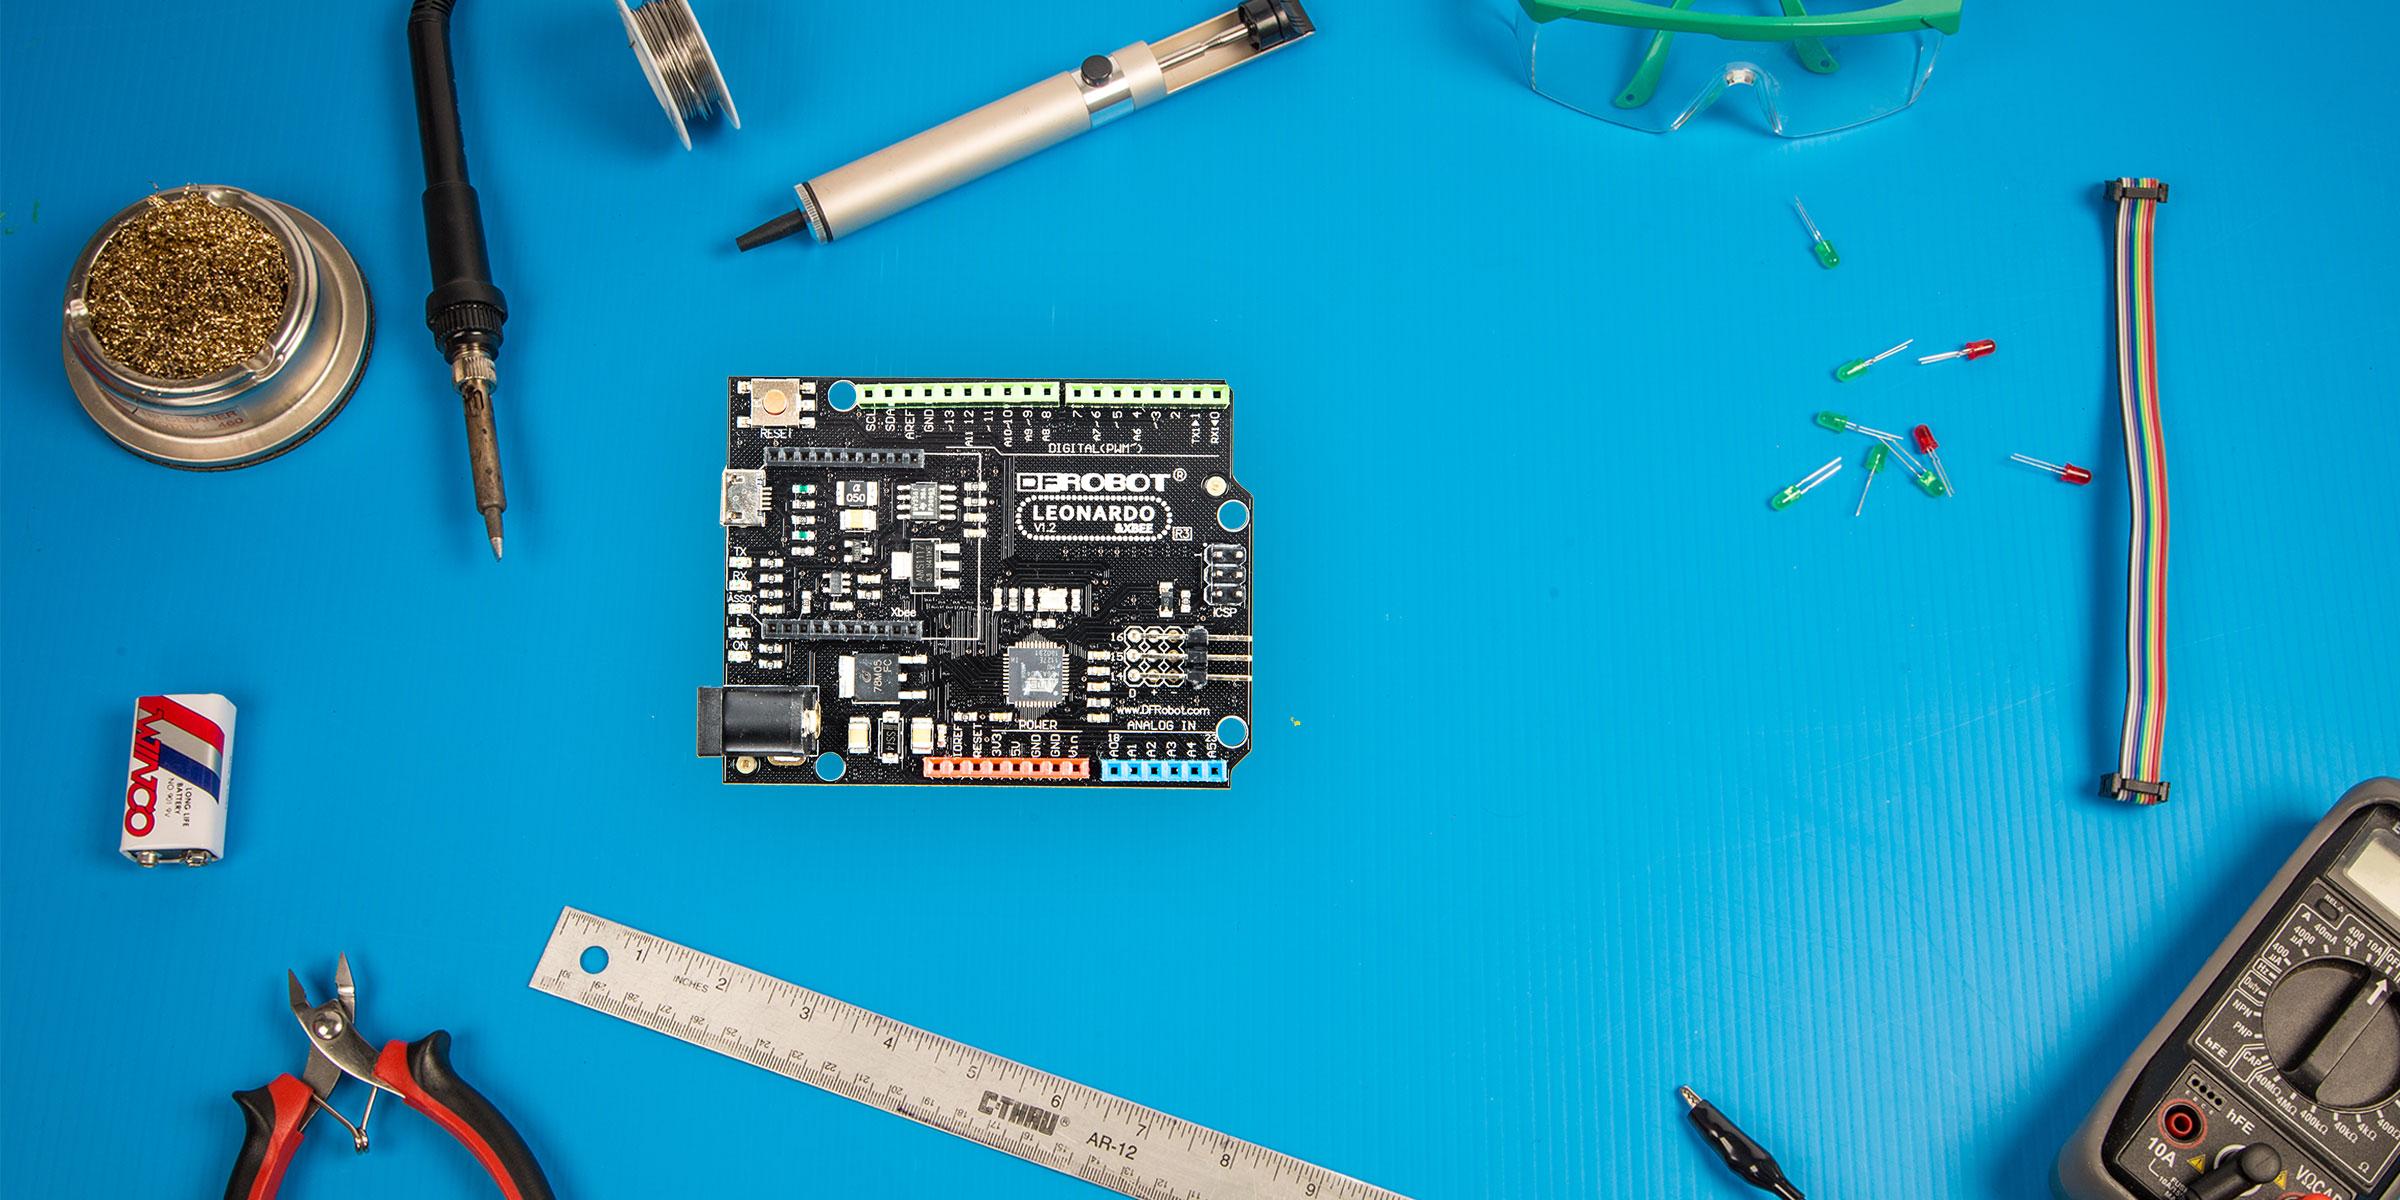 DFRobot Leonardo image courtesy of Make Magazine